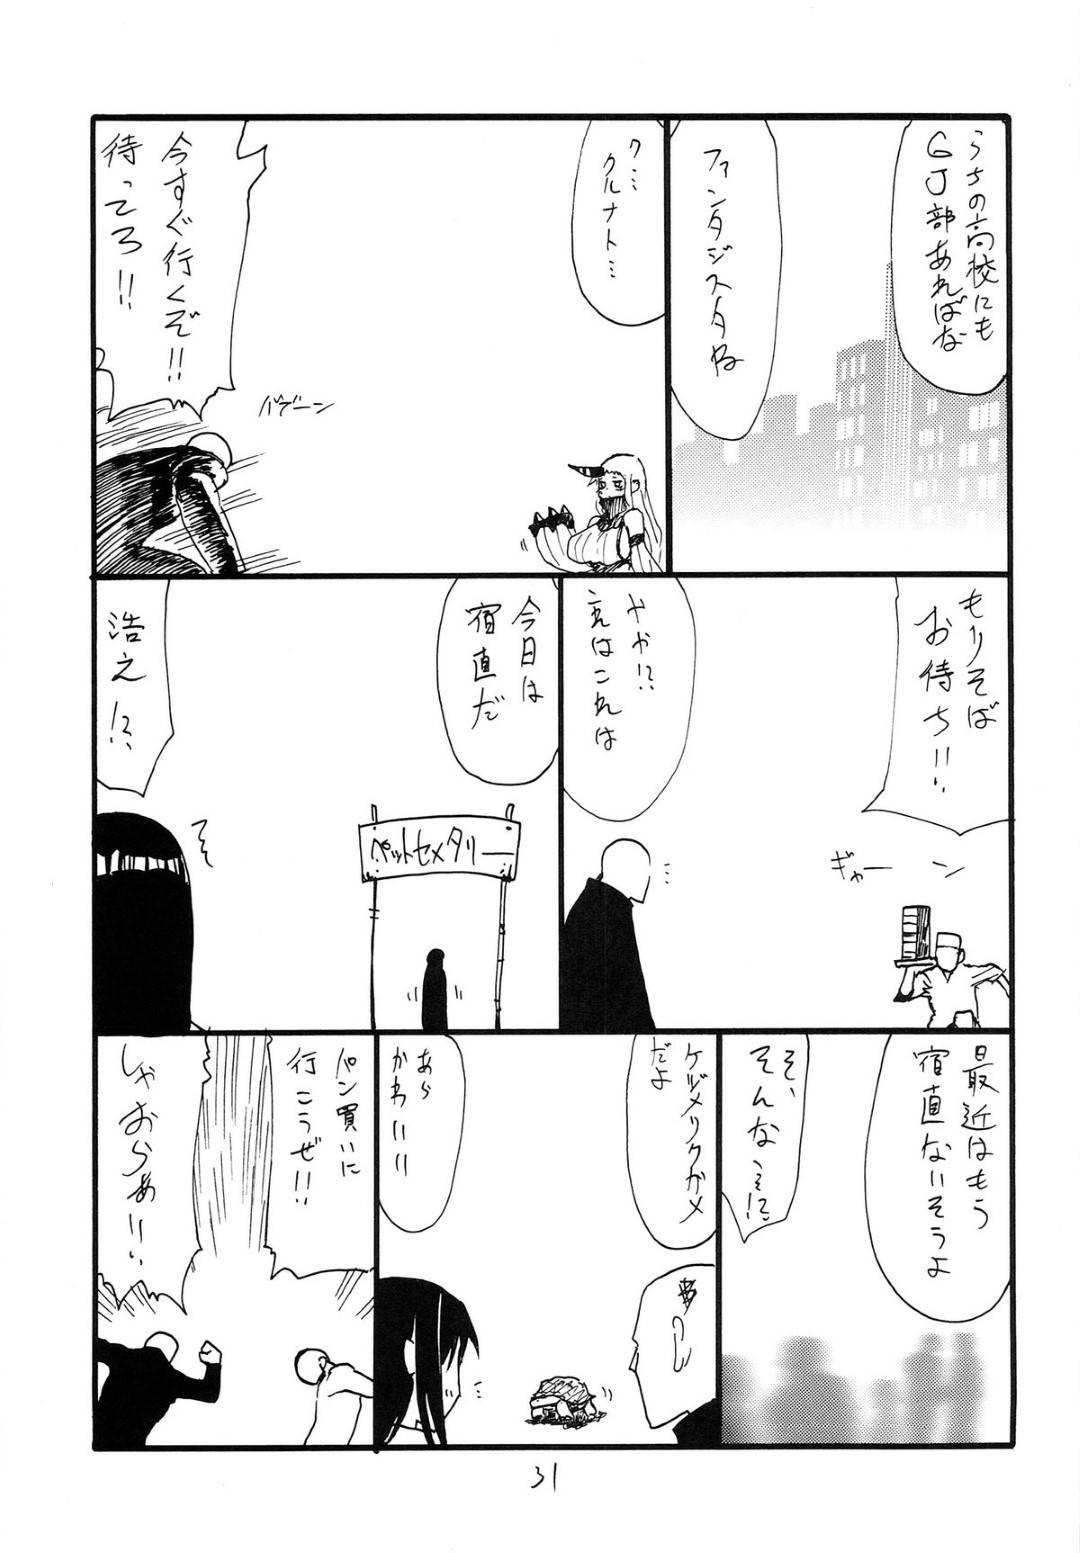 【艦隊これくしょん-艦これ-エロ漫画】加賀がモブ男とセックスしたり精液をぶっかけられる【キクタ】